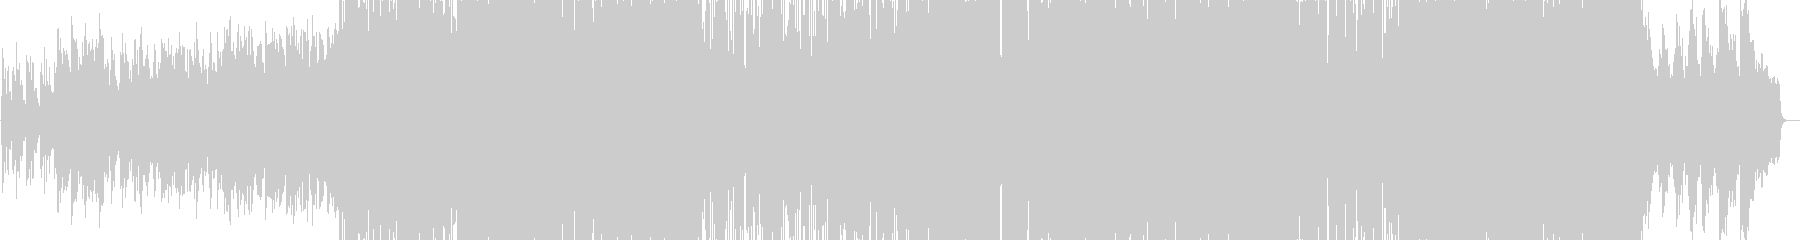 シンセの音色が印象的なかわいいバラードの未再生の波形